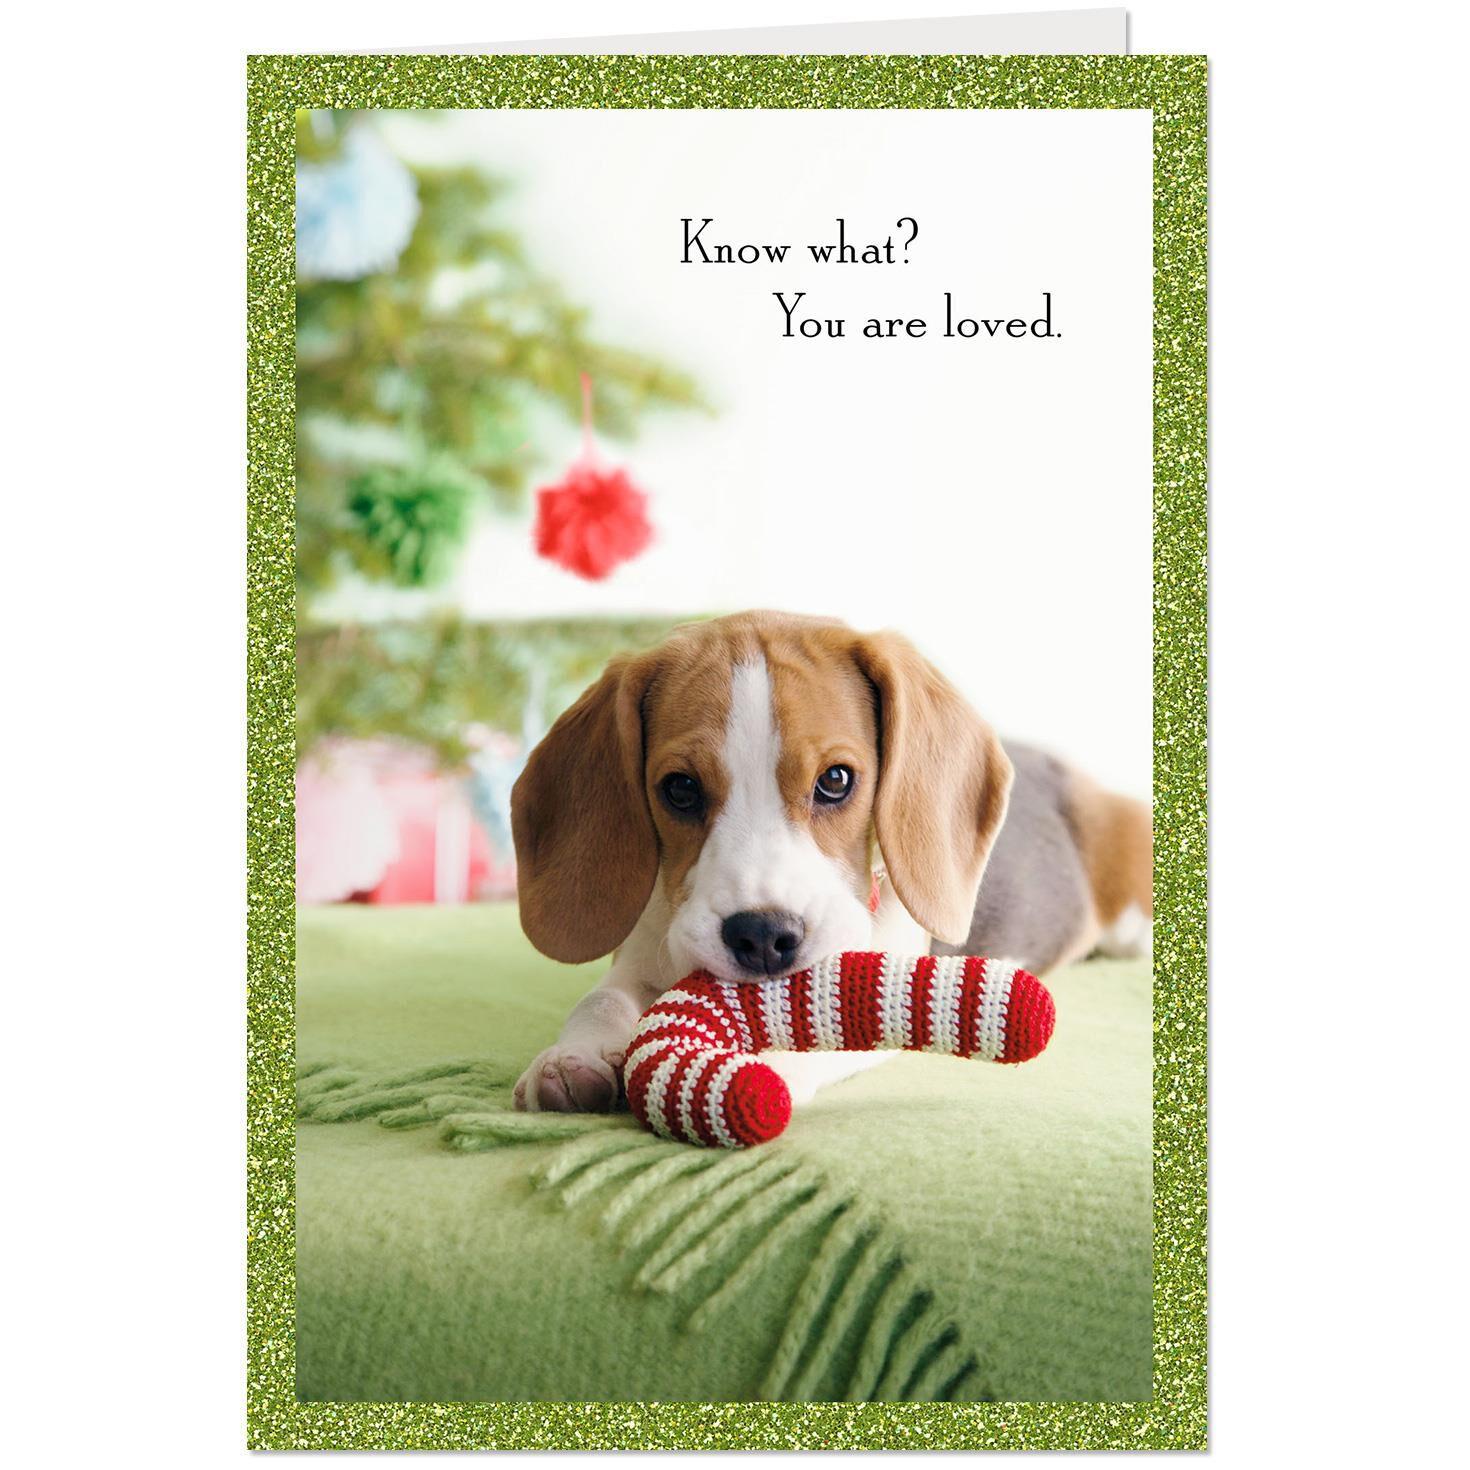 Dog Christmas Card Photo.You Are Loved Christmas Dog Christmas Card